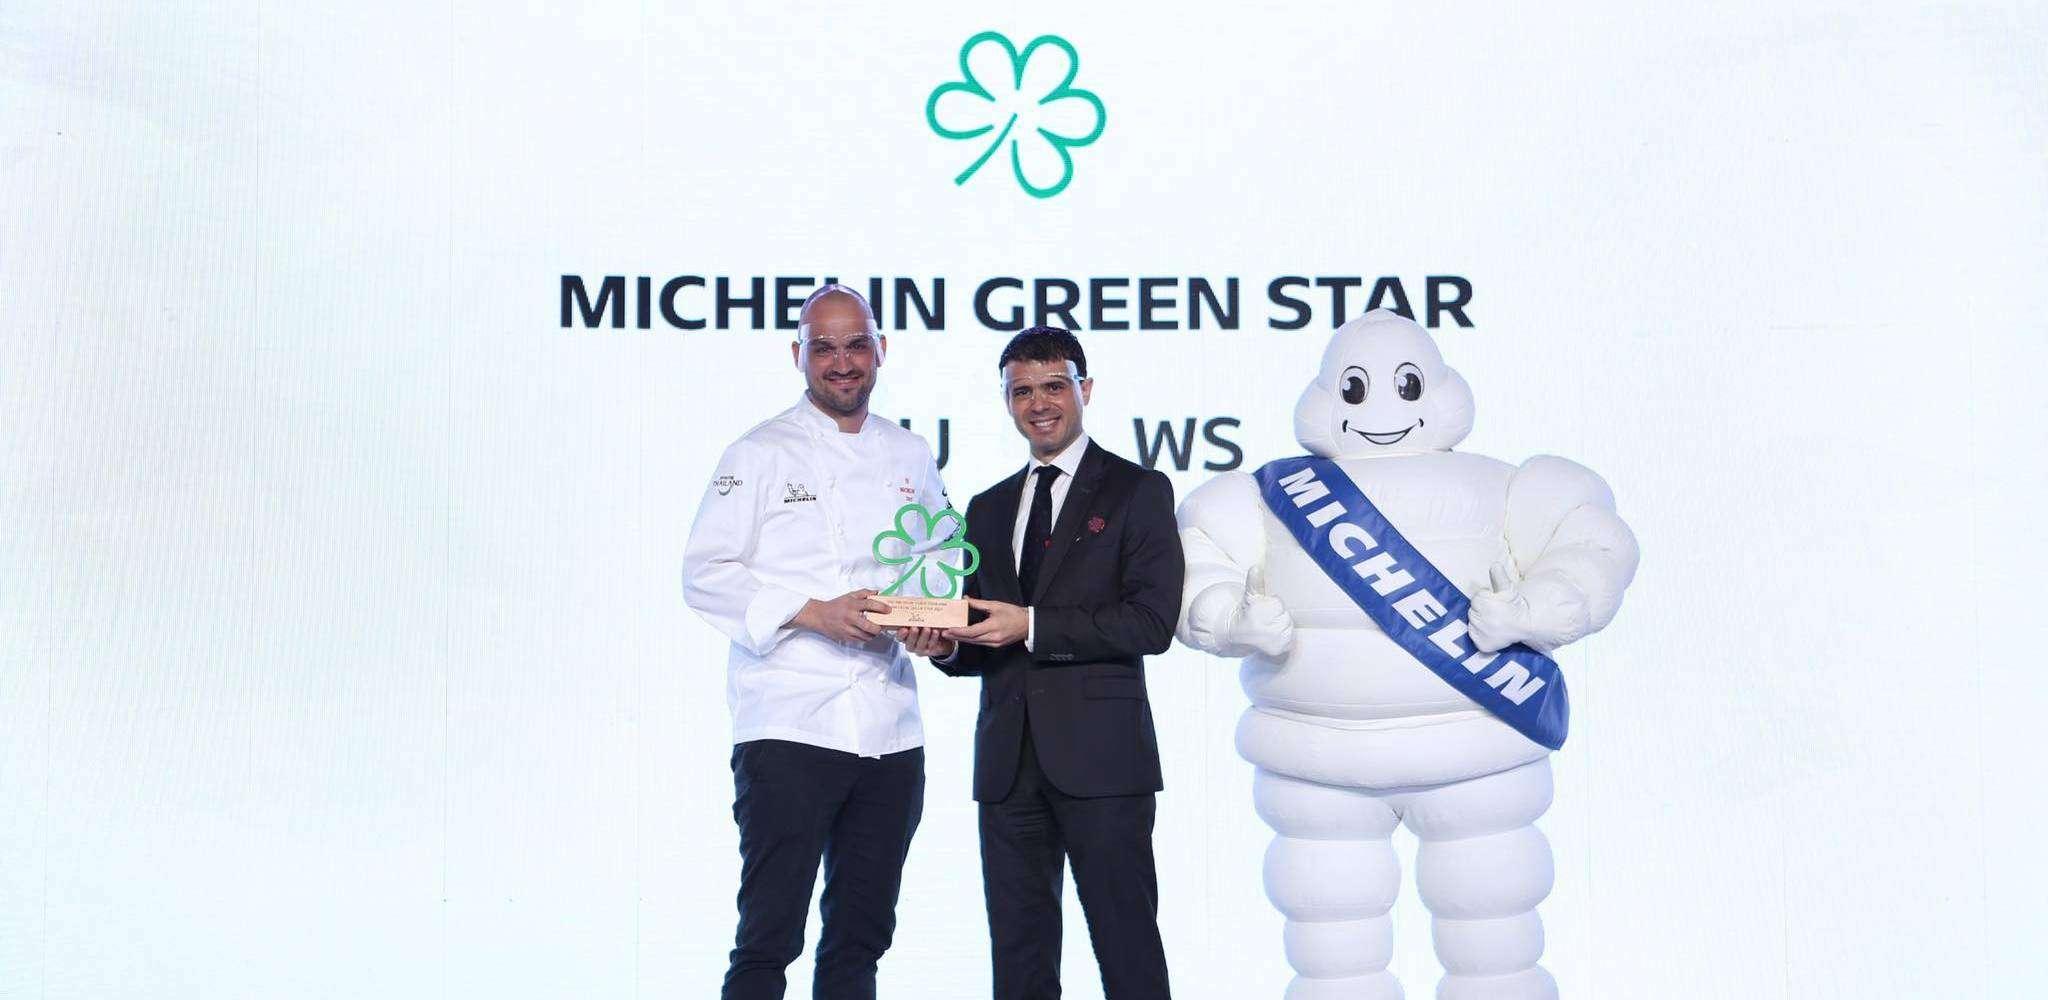 Jim Ophorst die de eerste Michelin Green Star in Thailand overhandig krijgt